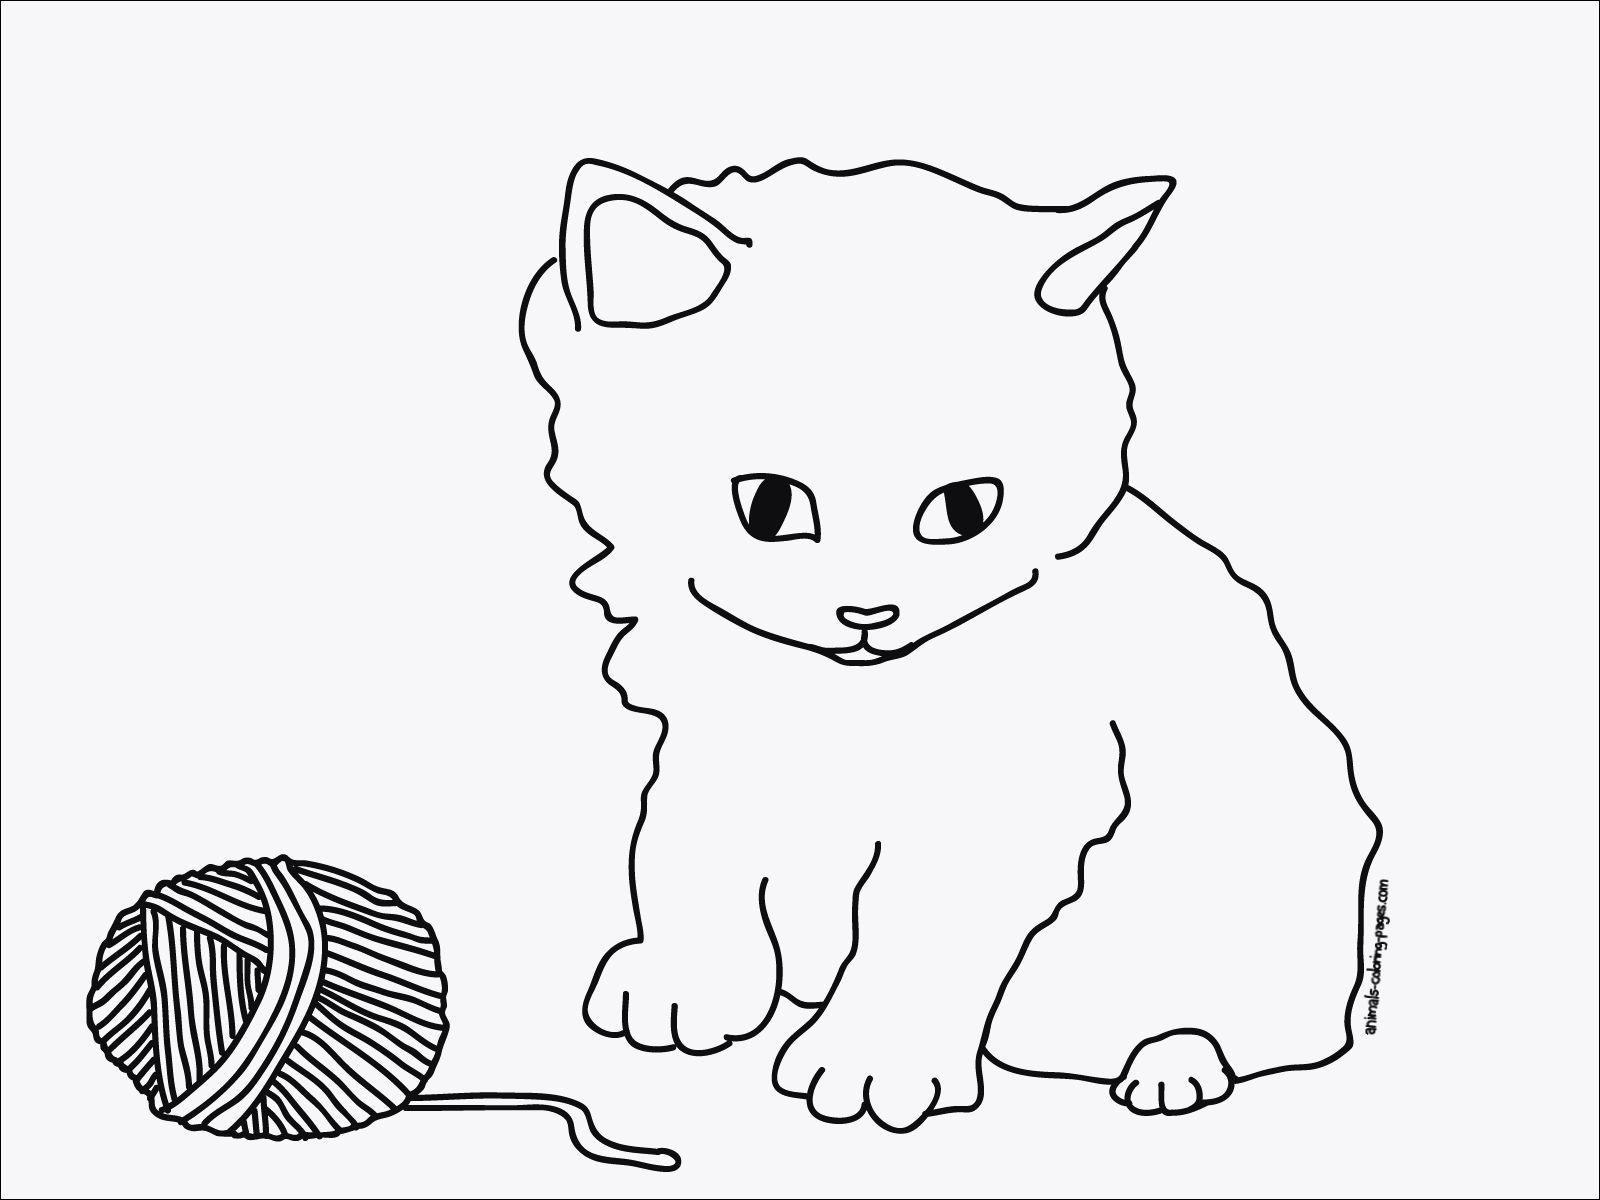 Ausmalbilder Hunde Und Katzen Frisch Ausmalbilder Kostenlos Katzen Fotografieren